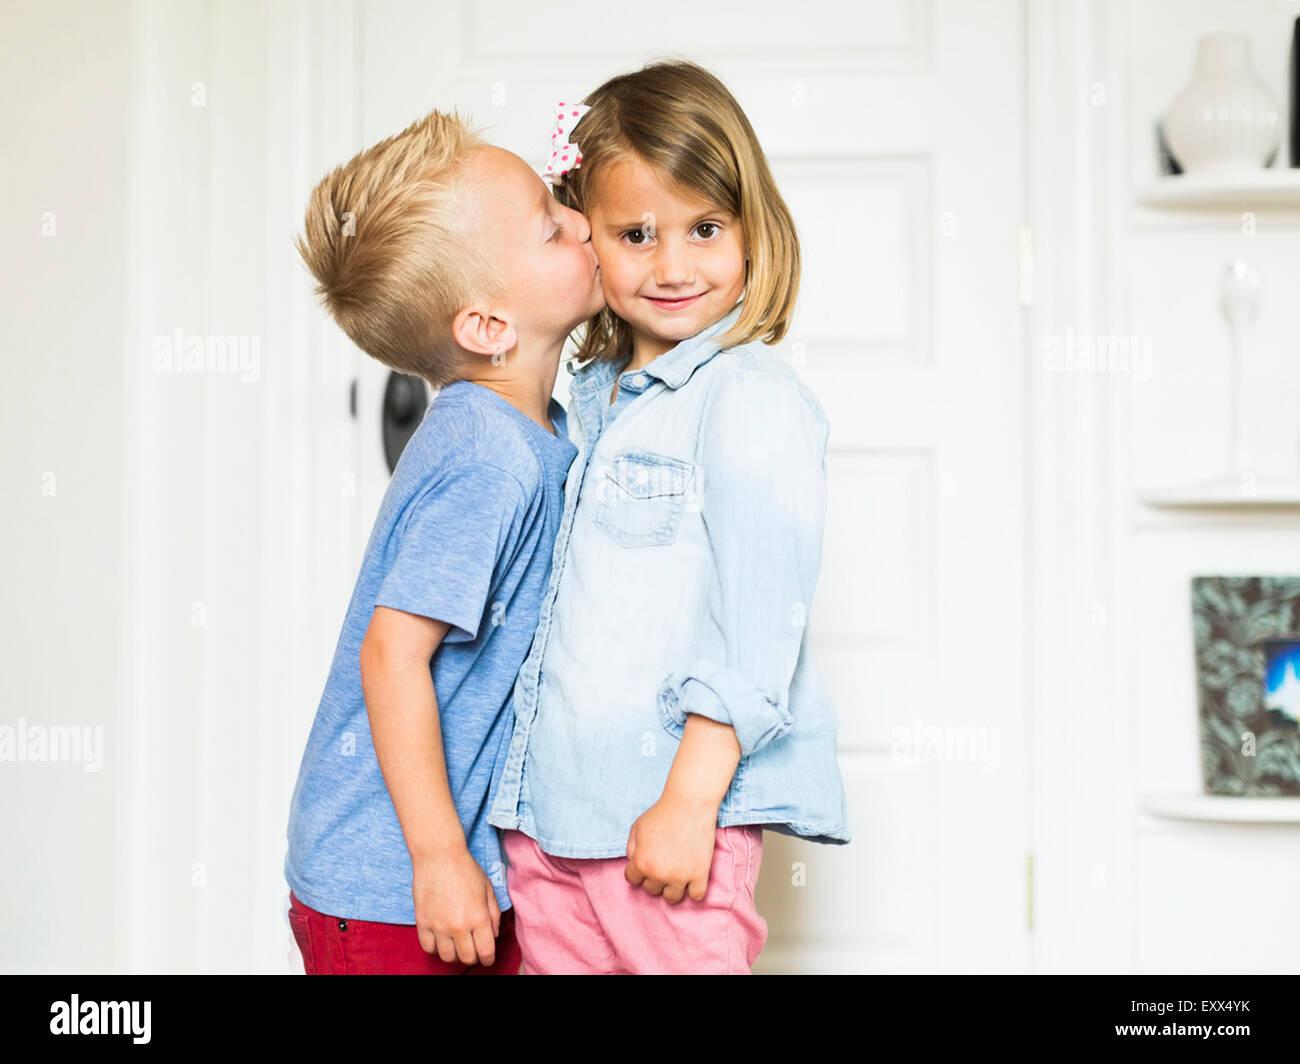 Little boy (4-5) kissing sister (4-5) - Stock Image